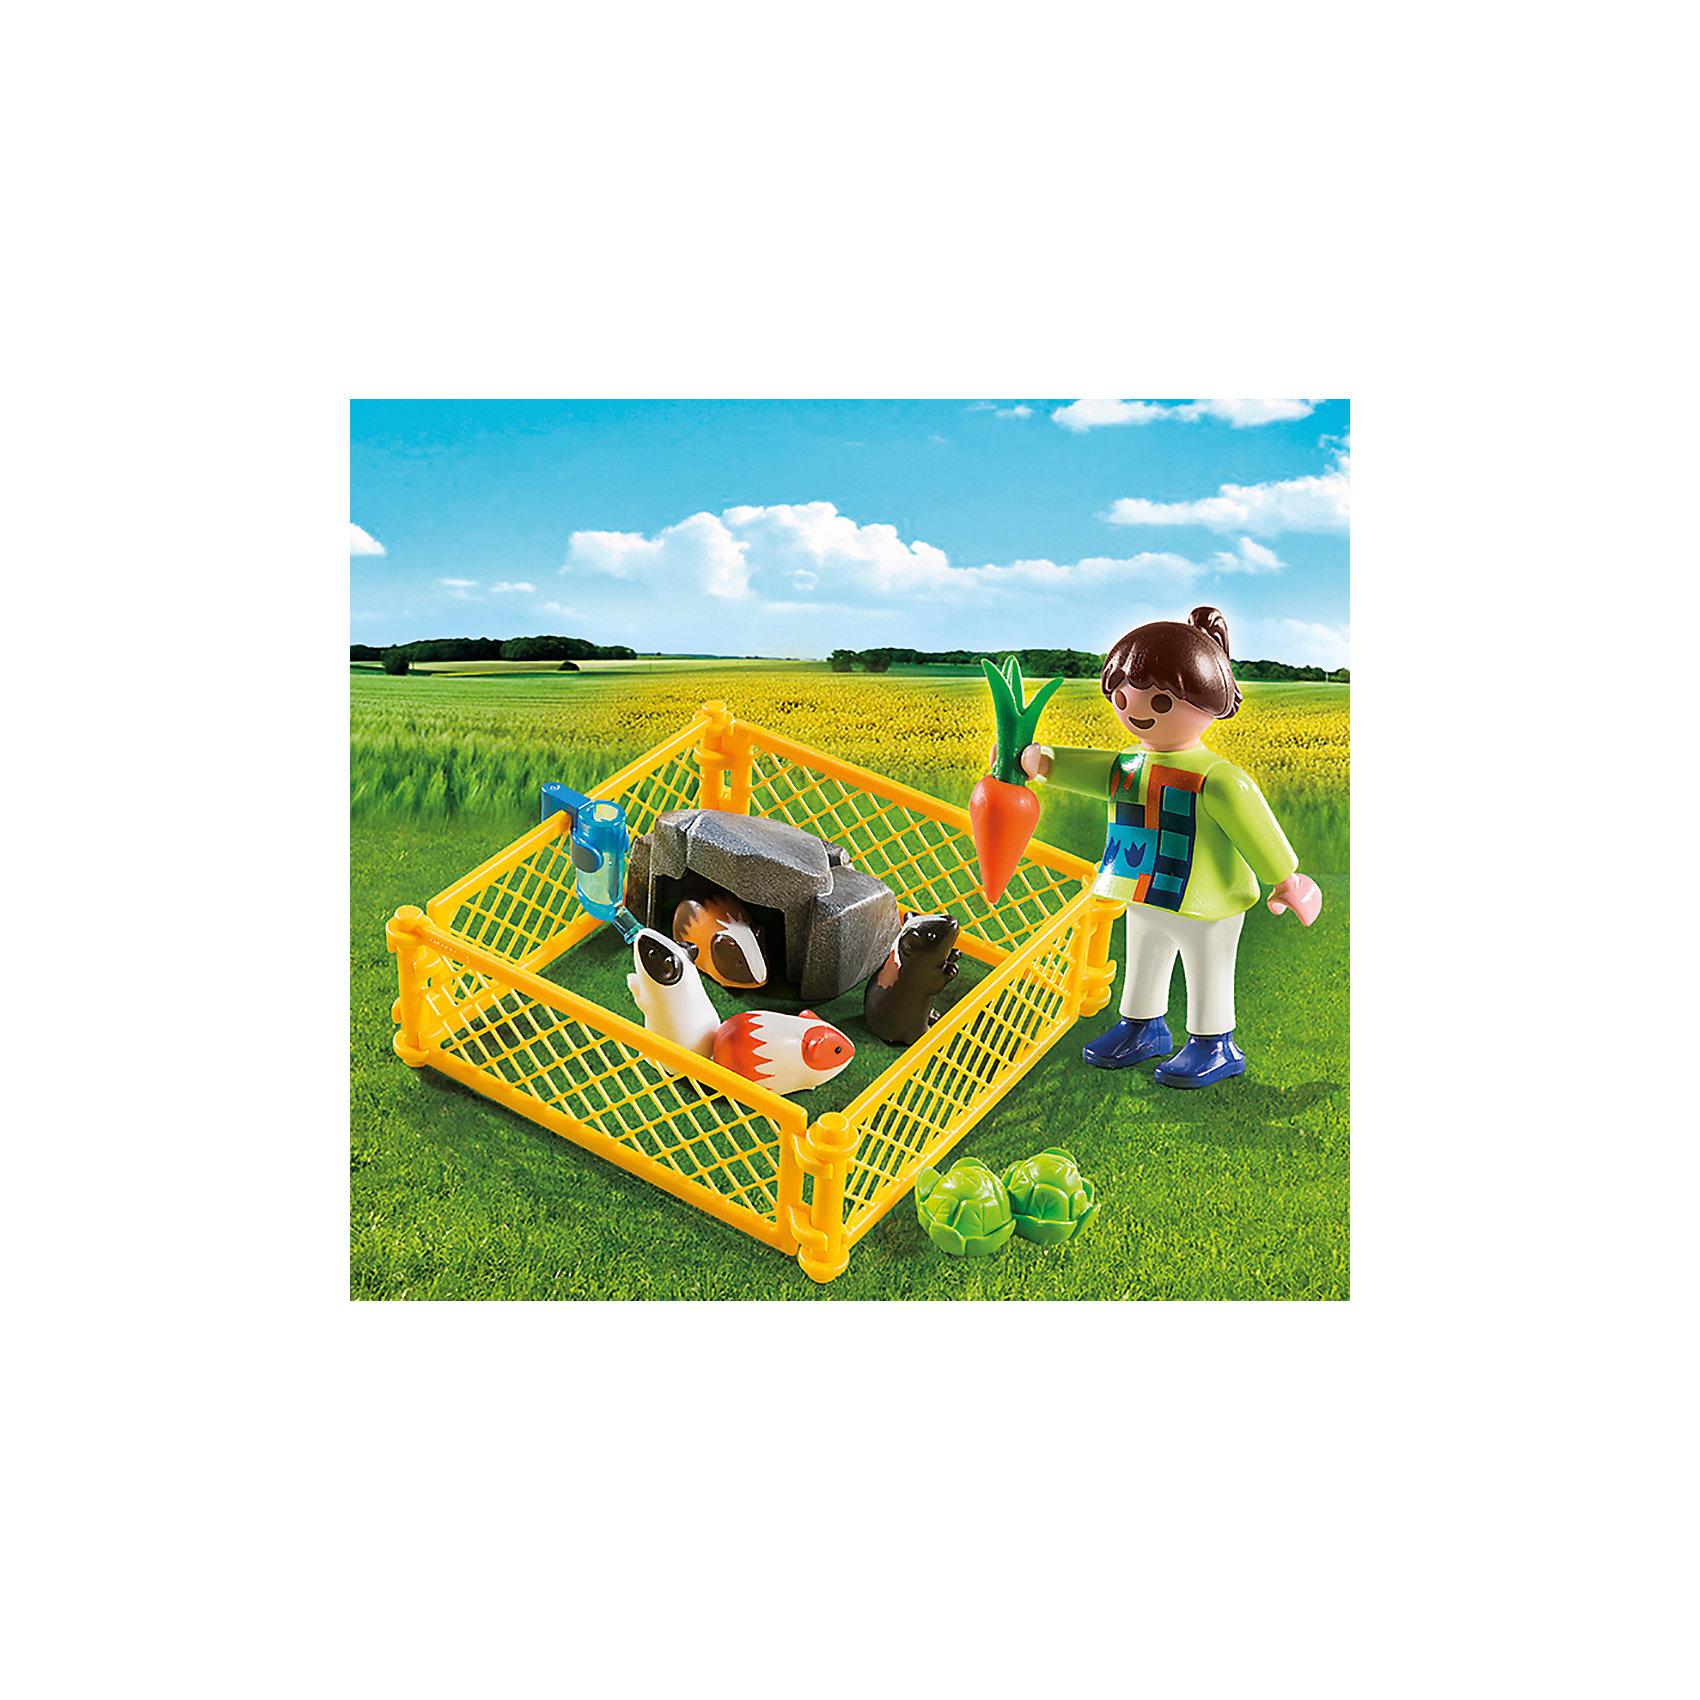 PLAYMOBIL® Экстра-набор: Девочка с морскими свинками, PLAYMOBIL playmobil® экстра набор пират и сундук с сокровищами playmobil